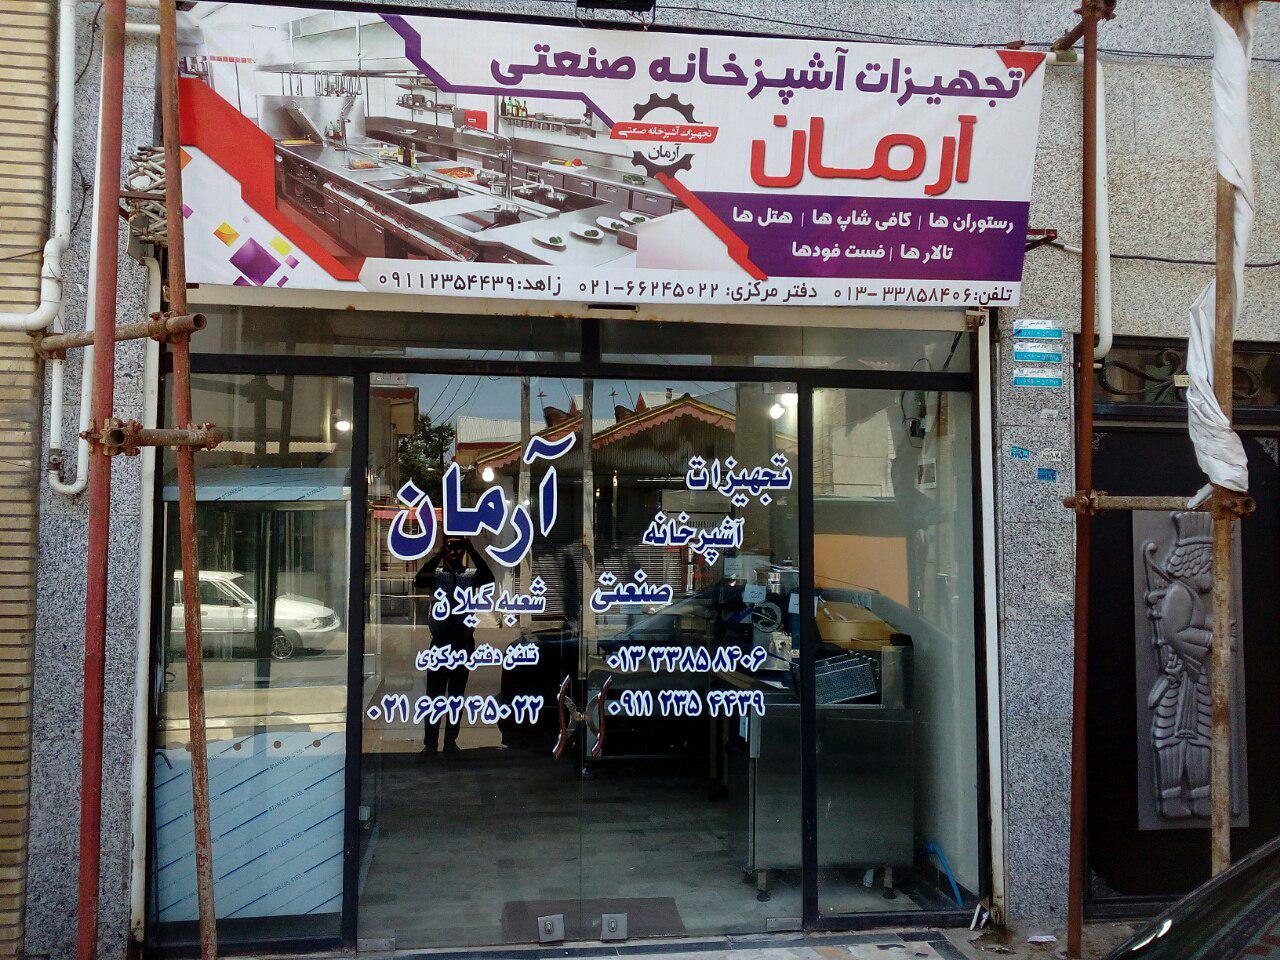 تجهیزات فست فود و رستوران ایرانی